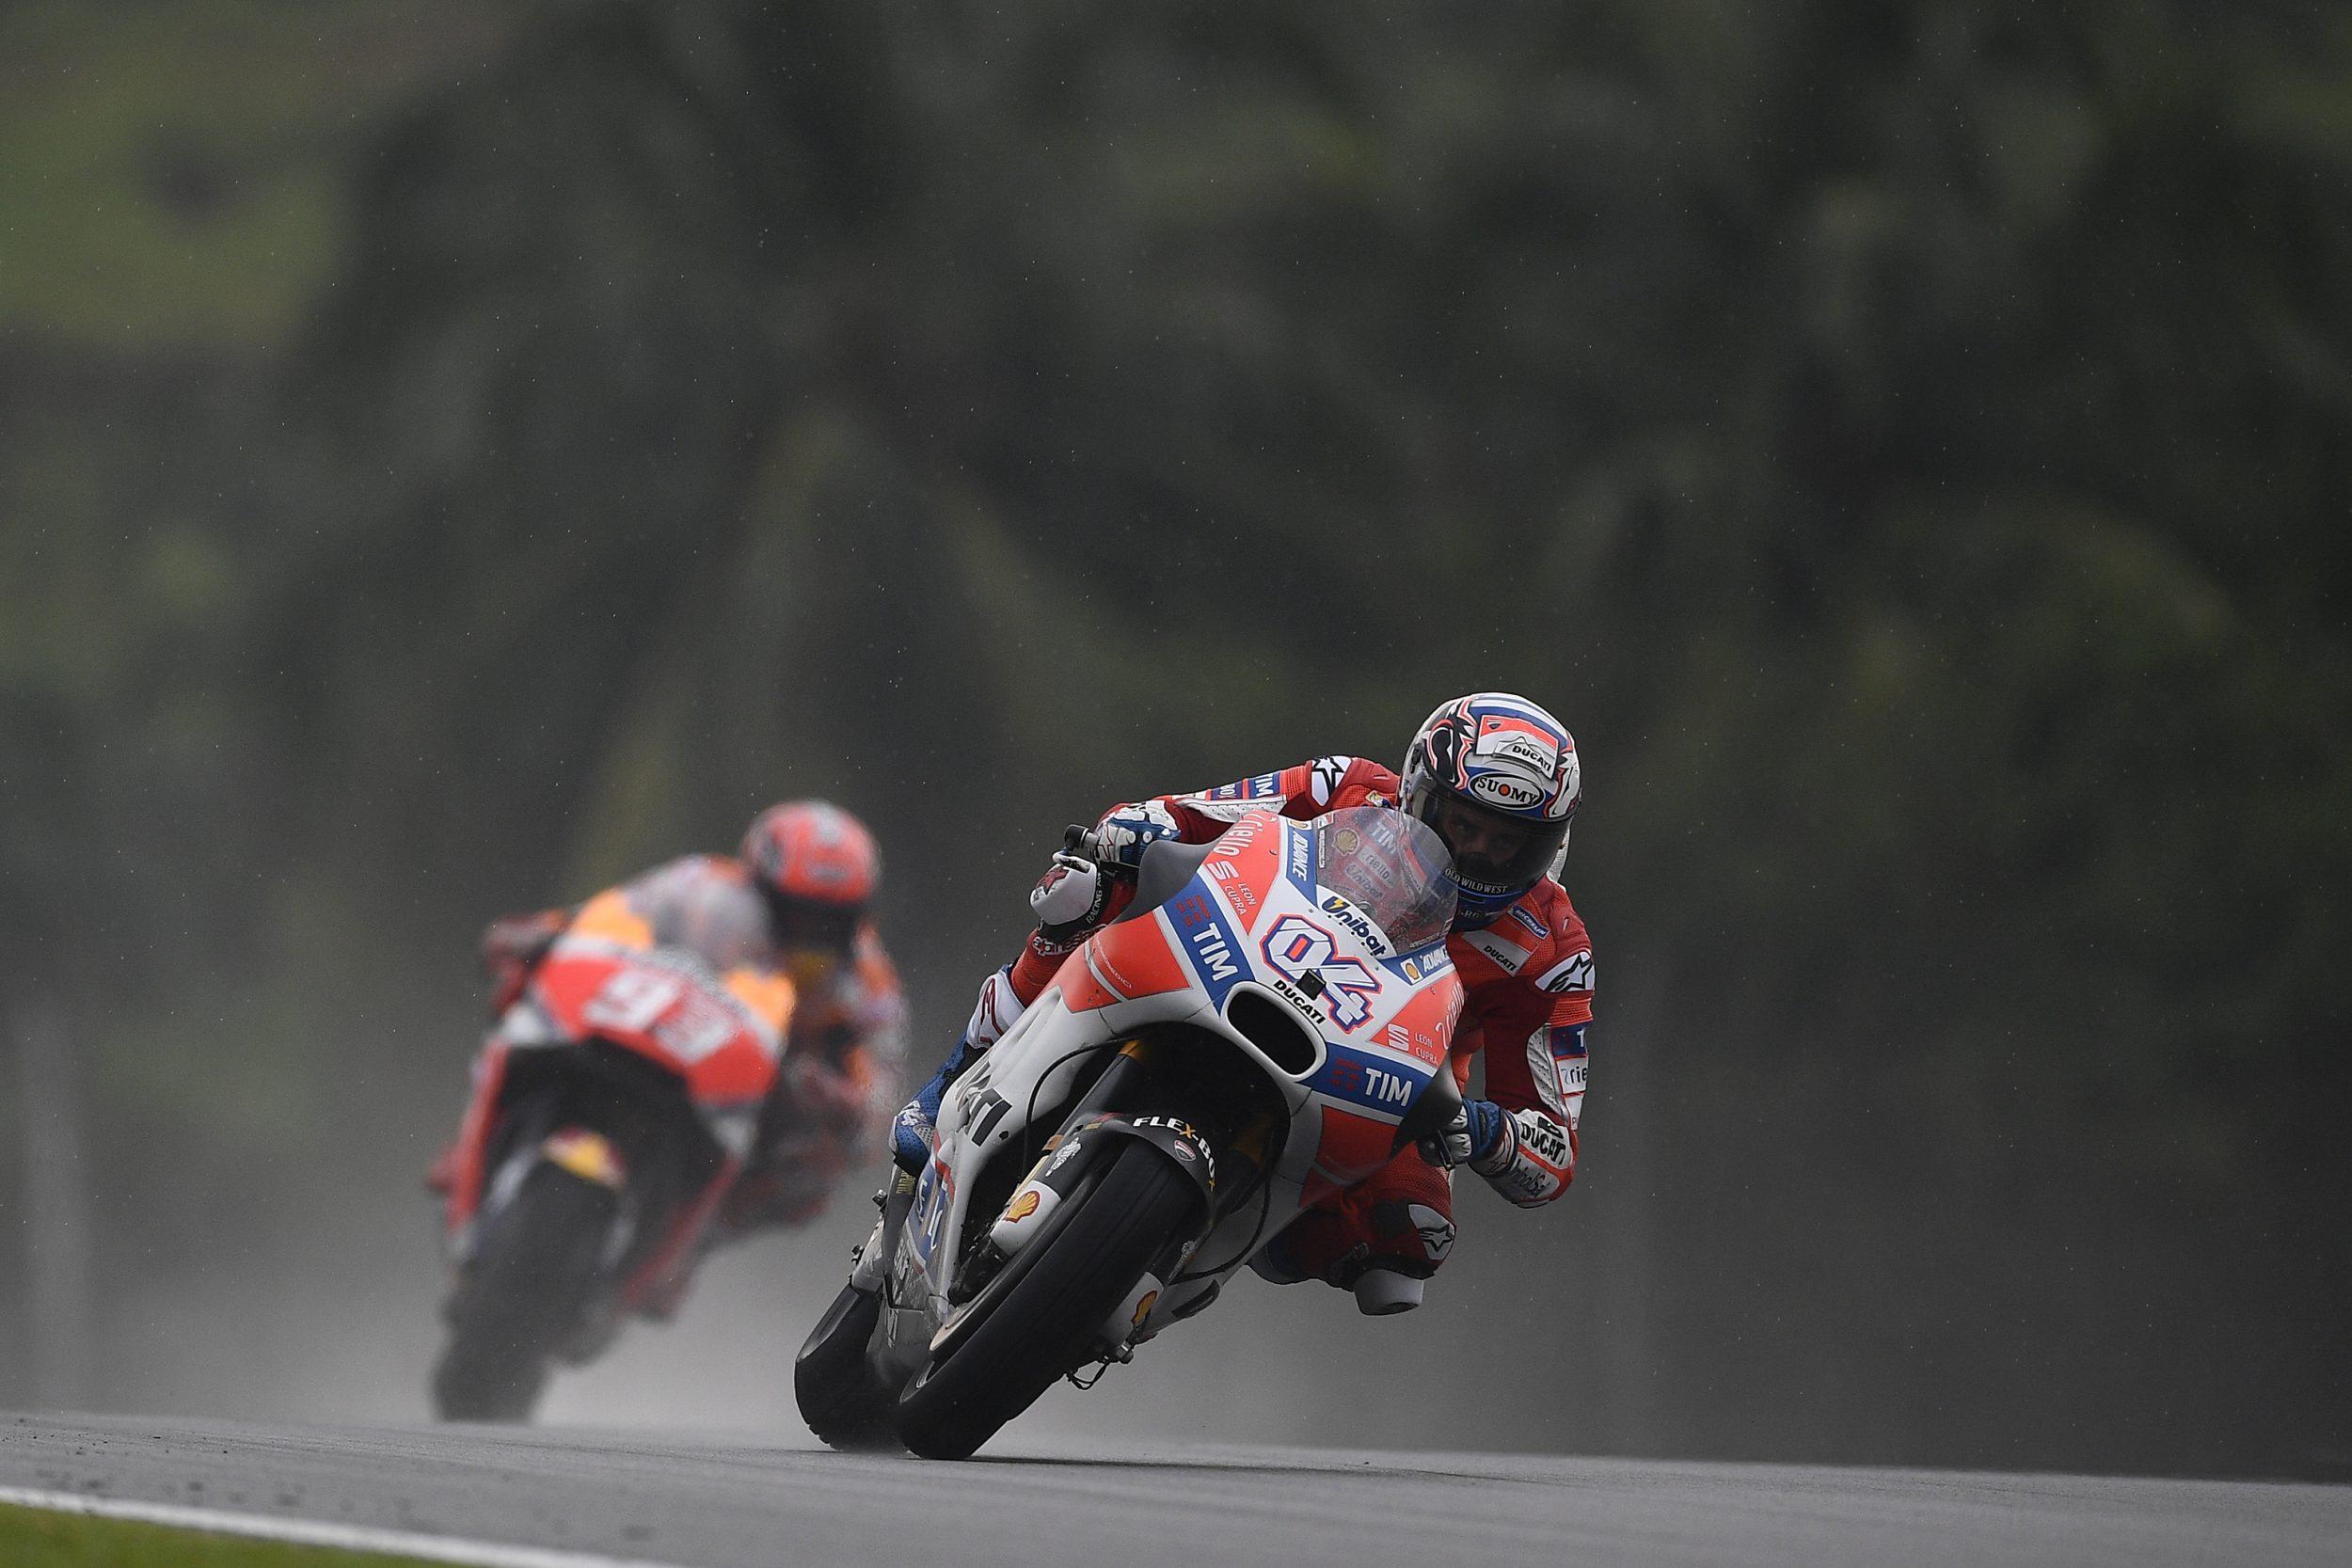 Doppietta Ducati in Malesia. Il titolo si deciderà a Valencia